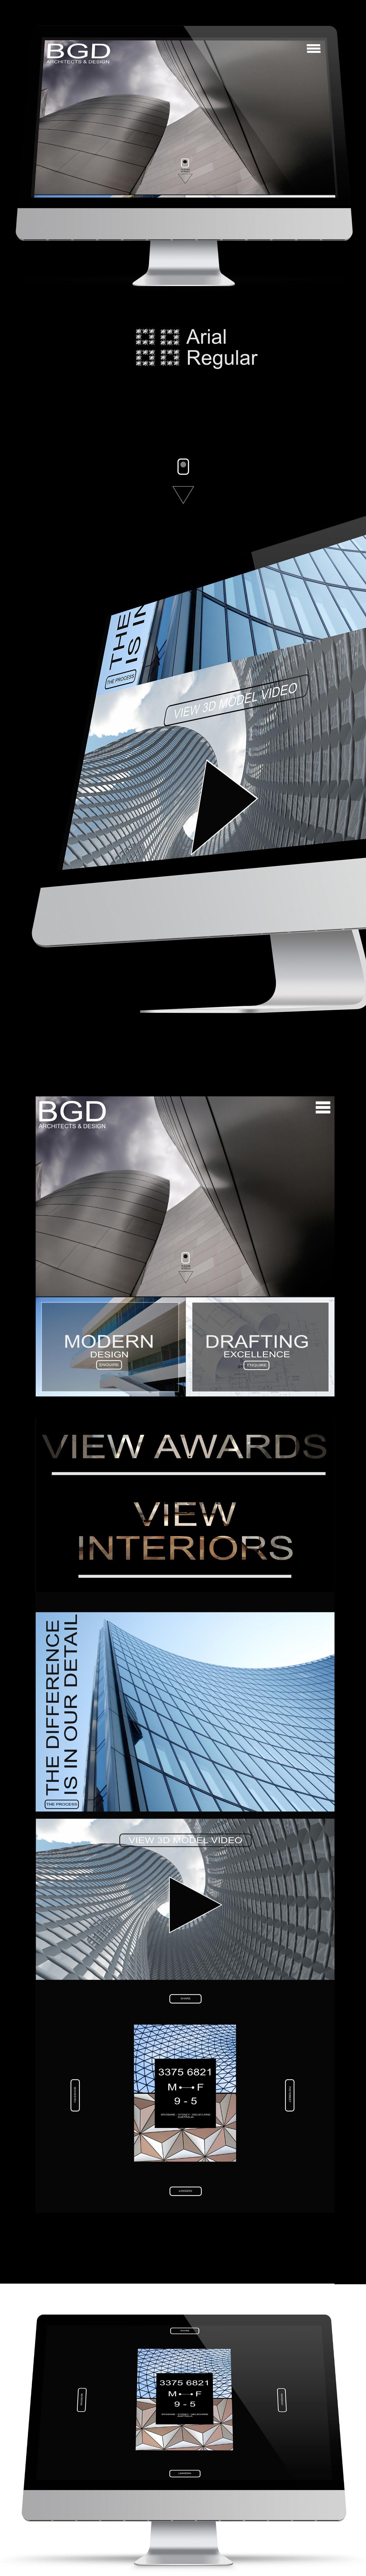 Archictects Website UI Design